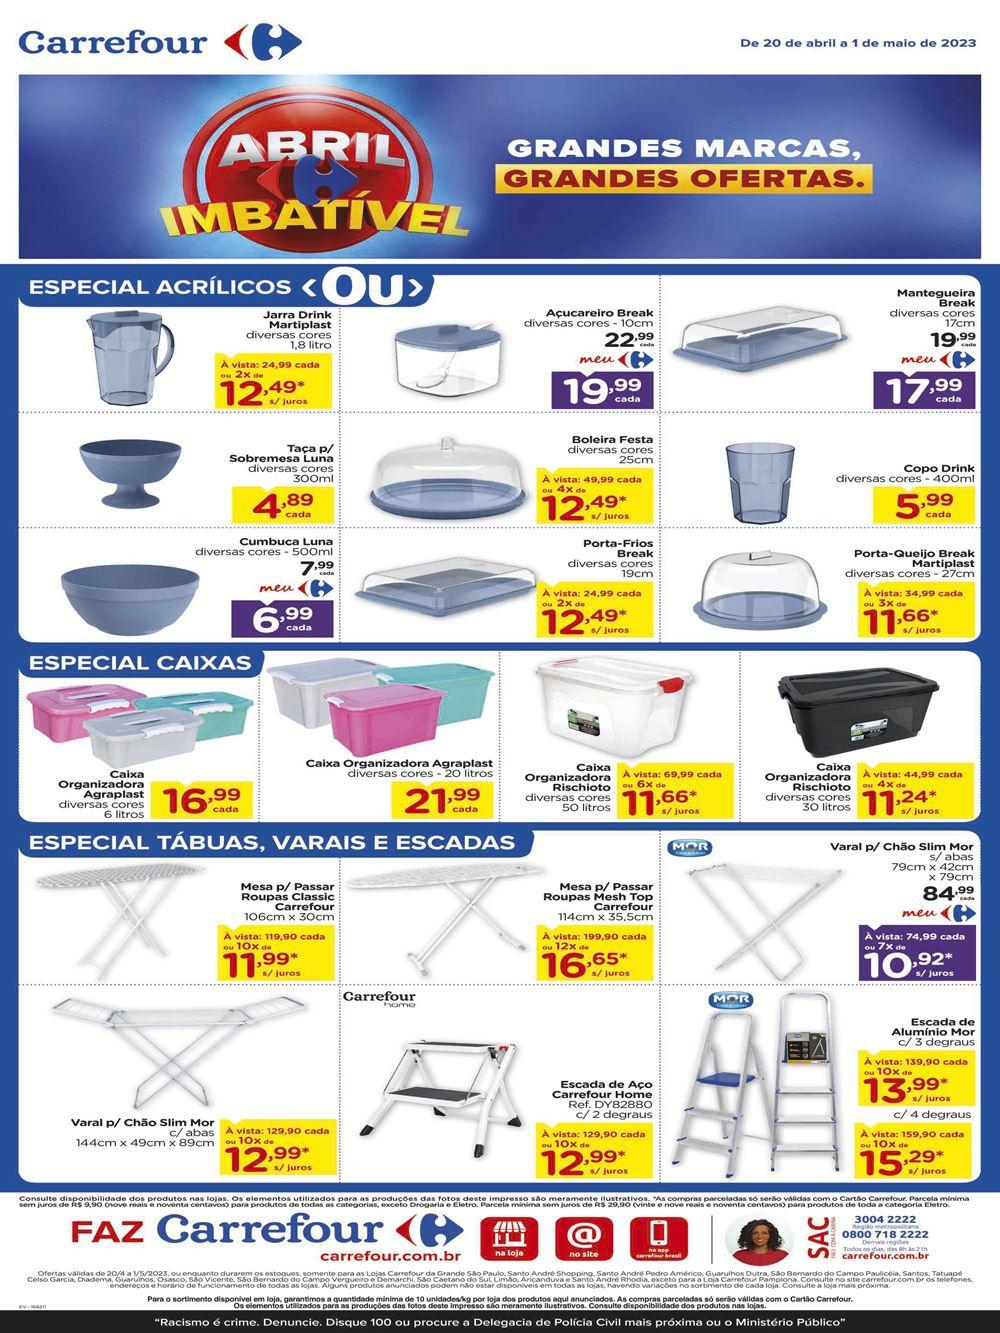 carrefour-ofertas-descontos-hoje17-7 Carrefour até 19/05